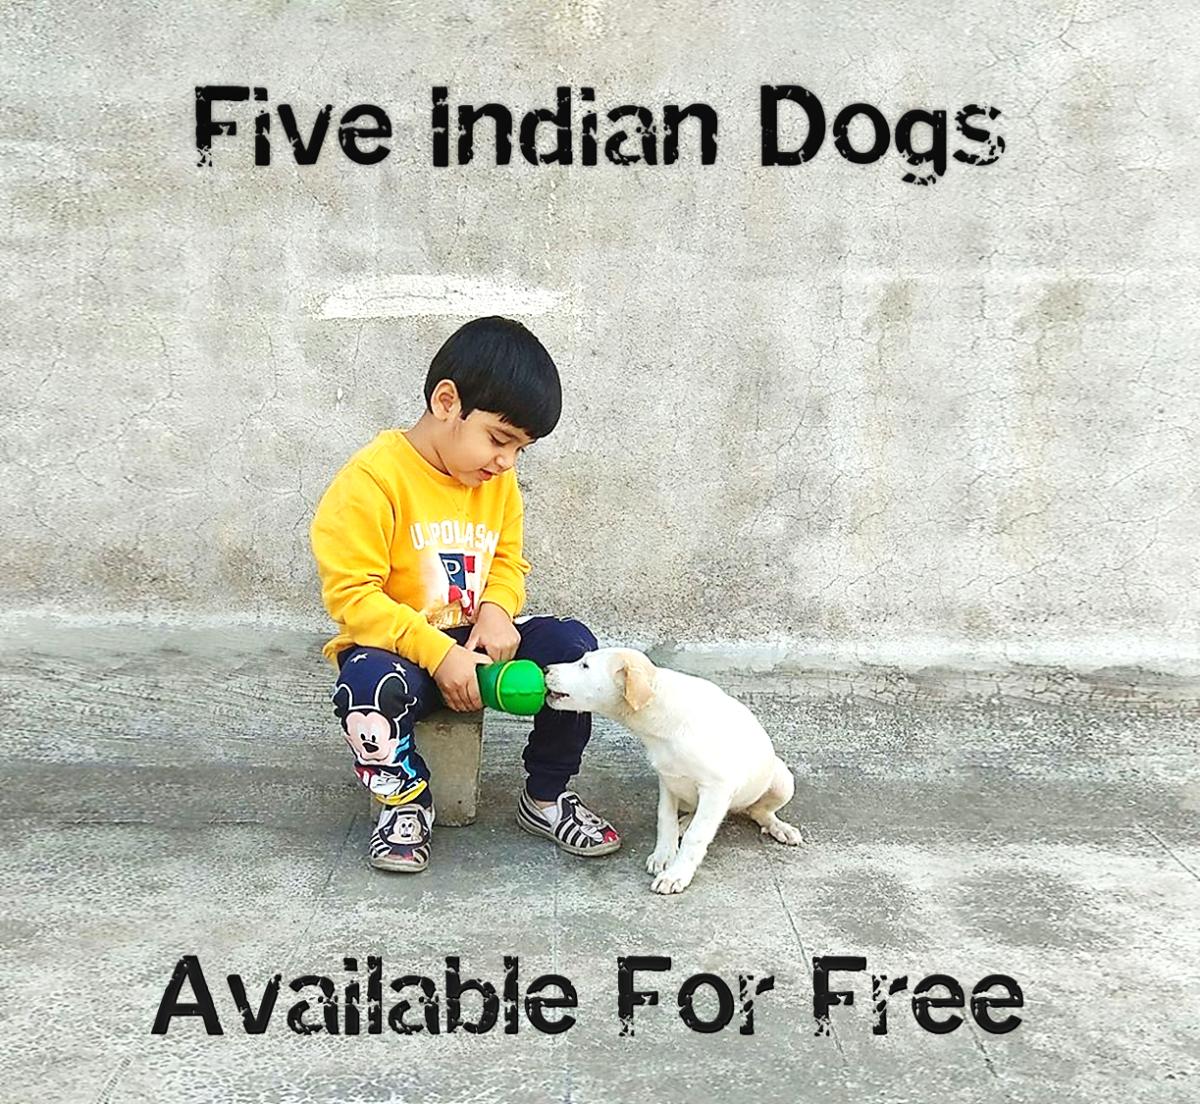 Indian Desi (Pariah) Dog